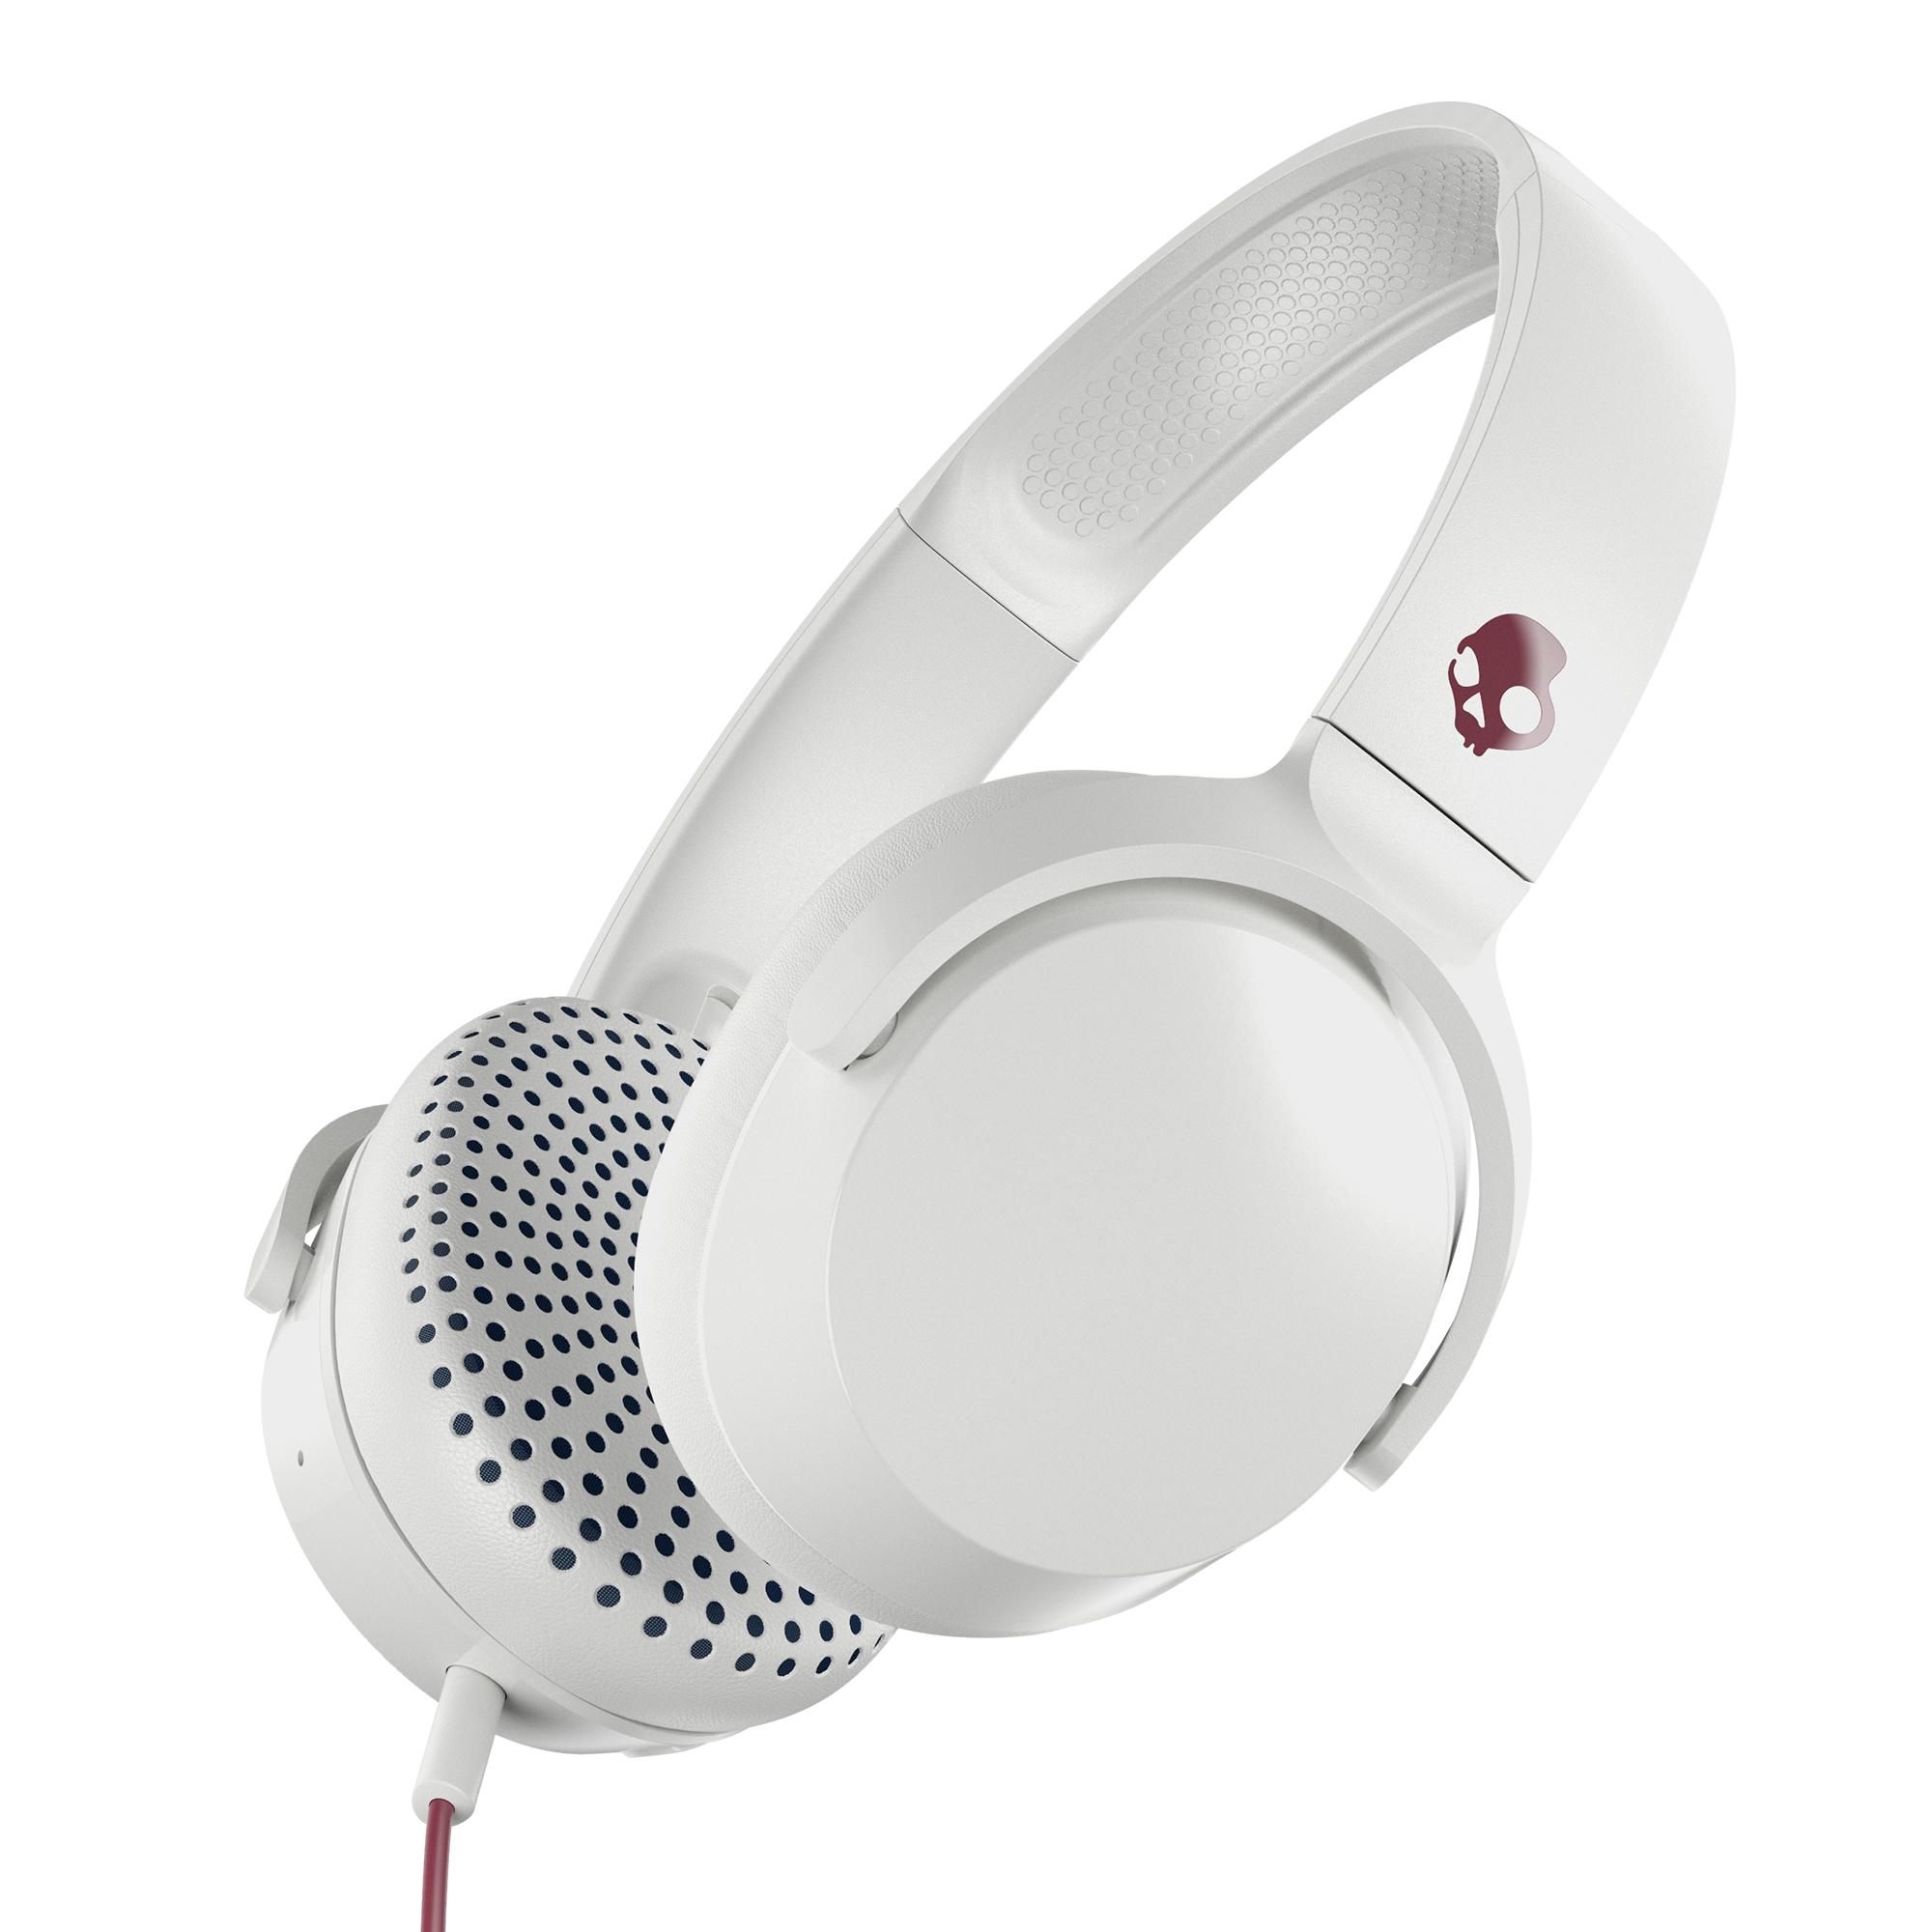 Skullcandy Riff On-Ear Durable Headphone – White/Crimson for $19